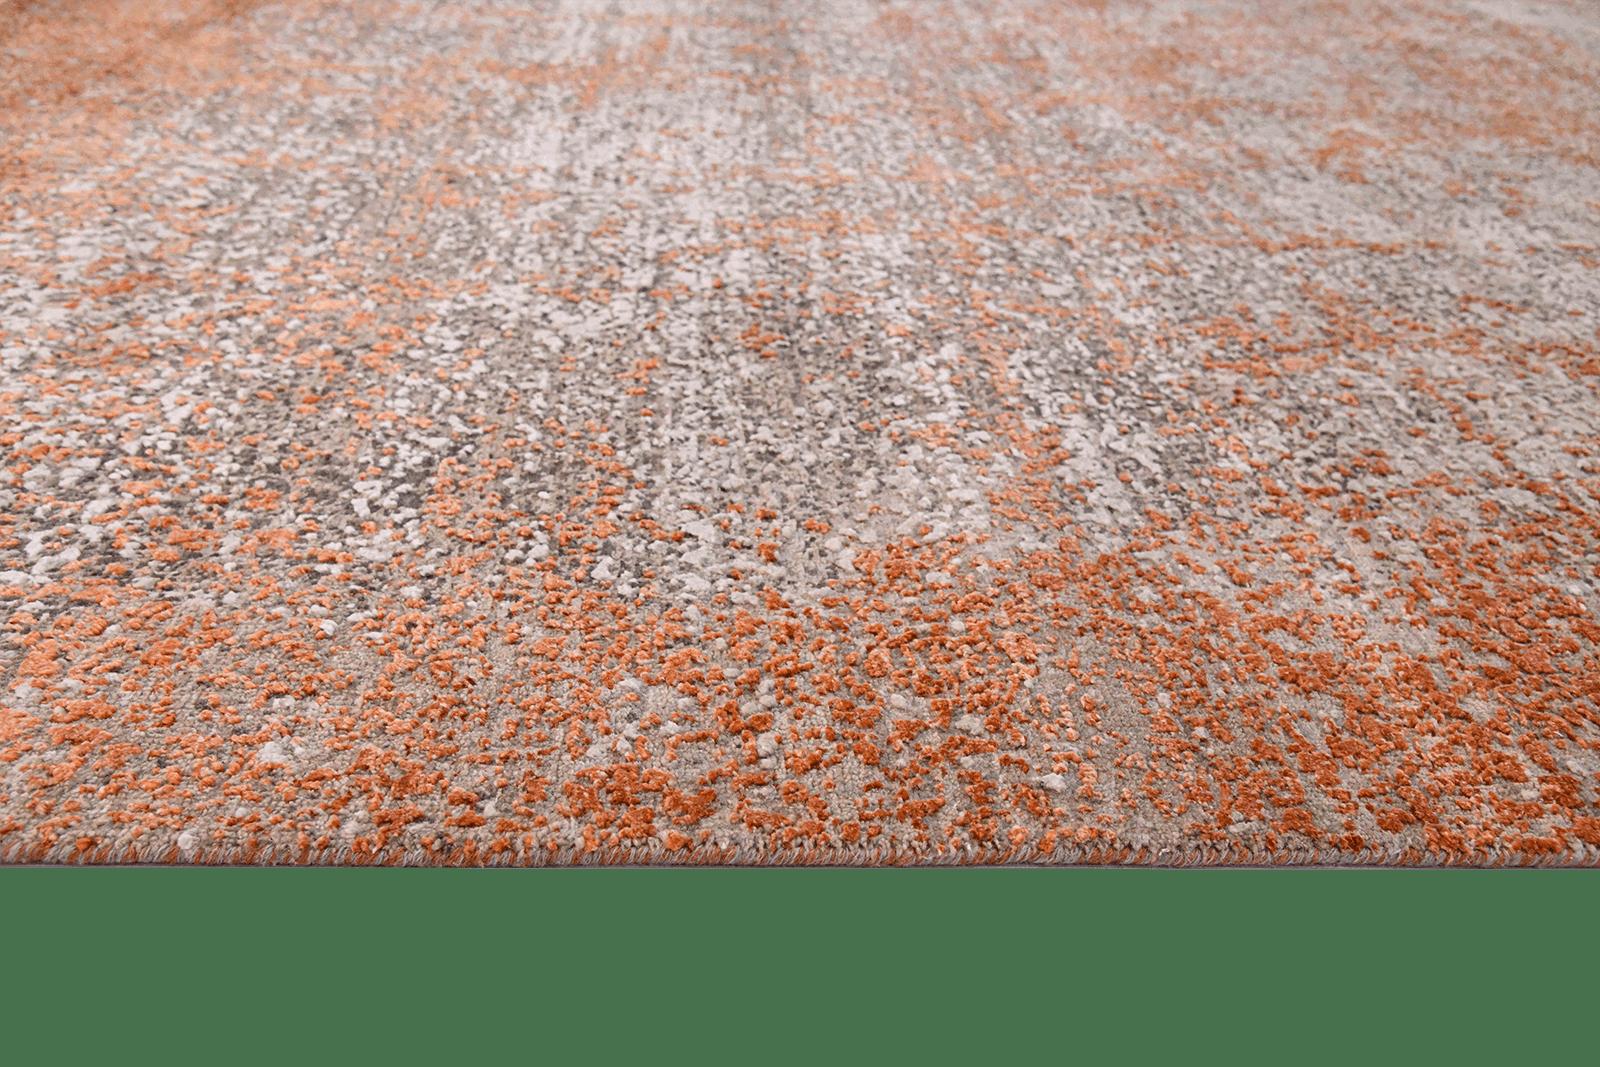 bentayga-design-tapijt-luxe-moderne-exclusieve-design-tapijten-luxe-vloerkleden-zijde-roest-goud-oranje-creme-300x241-koreman-maastricht-4253-rand